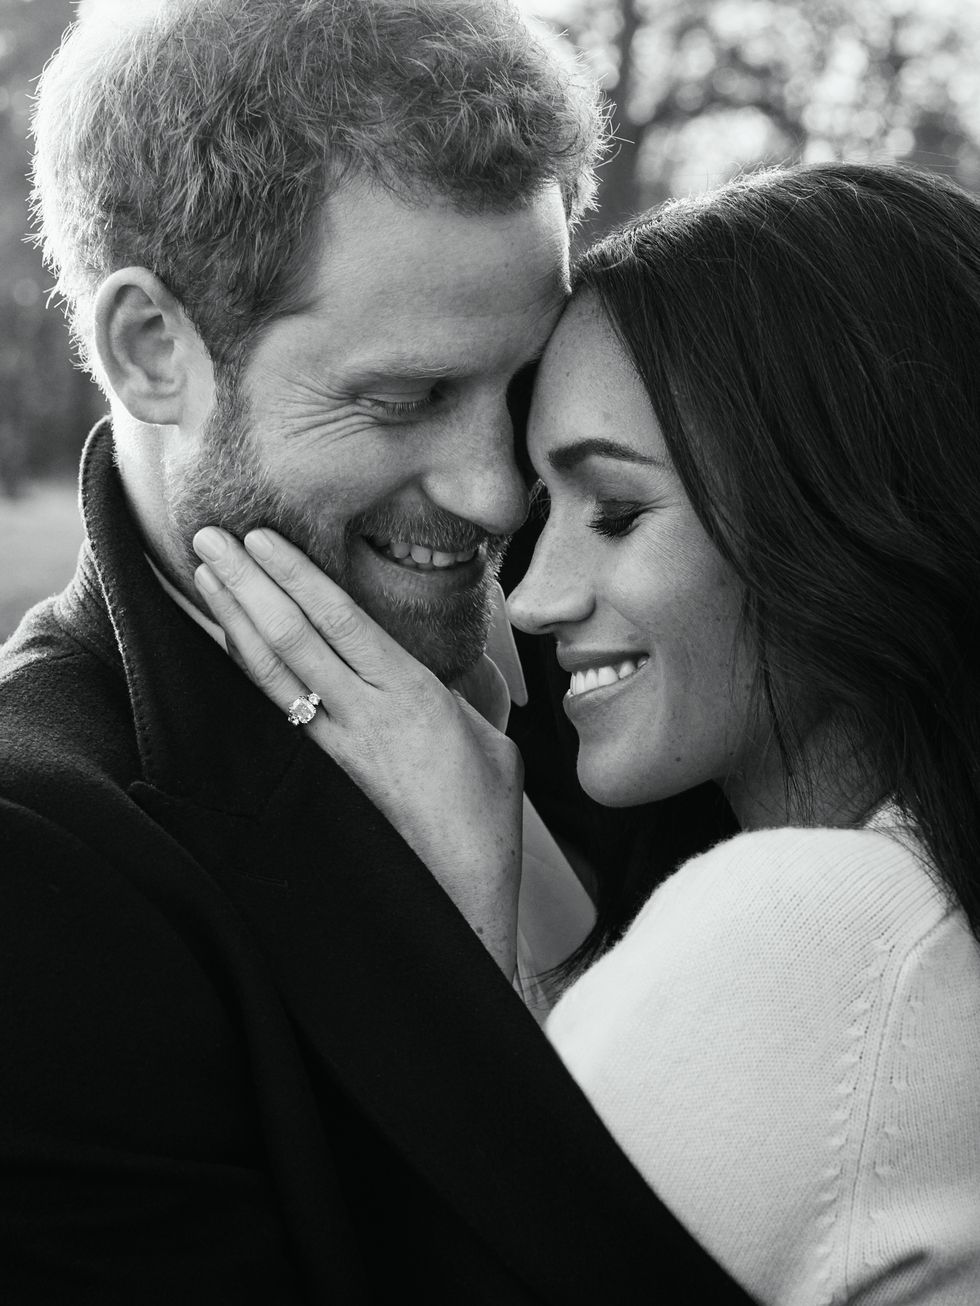 14 вещей, которые Меган Маркл больше не сможет делать после свадьбы с принцем